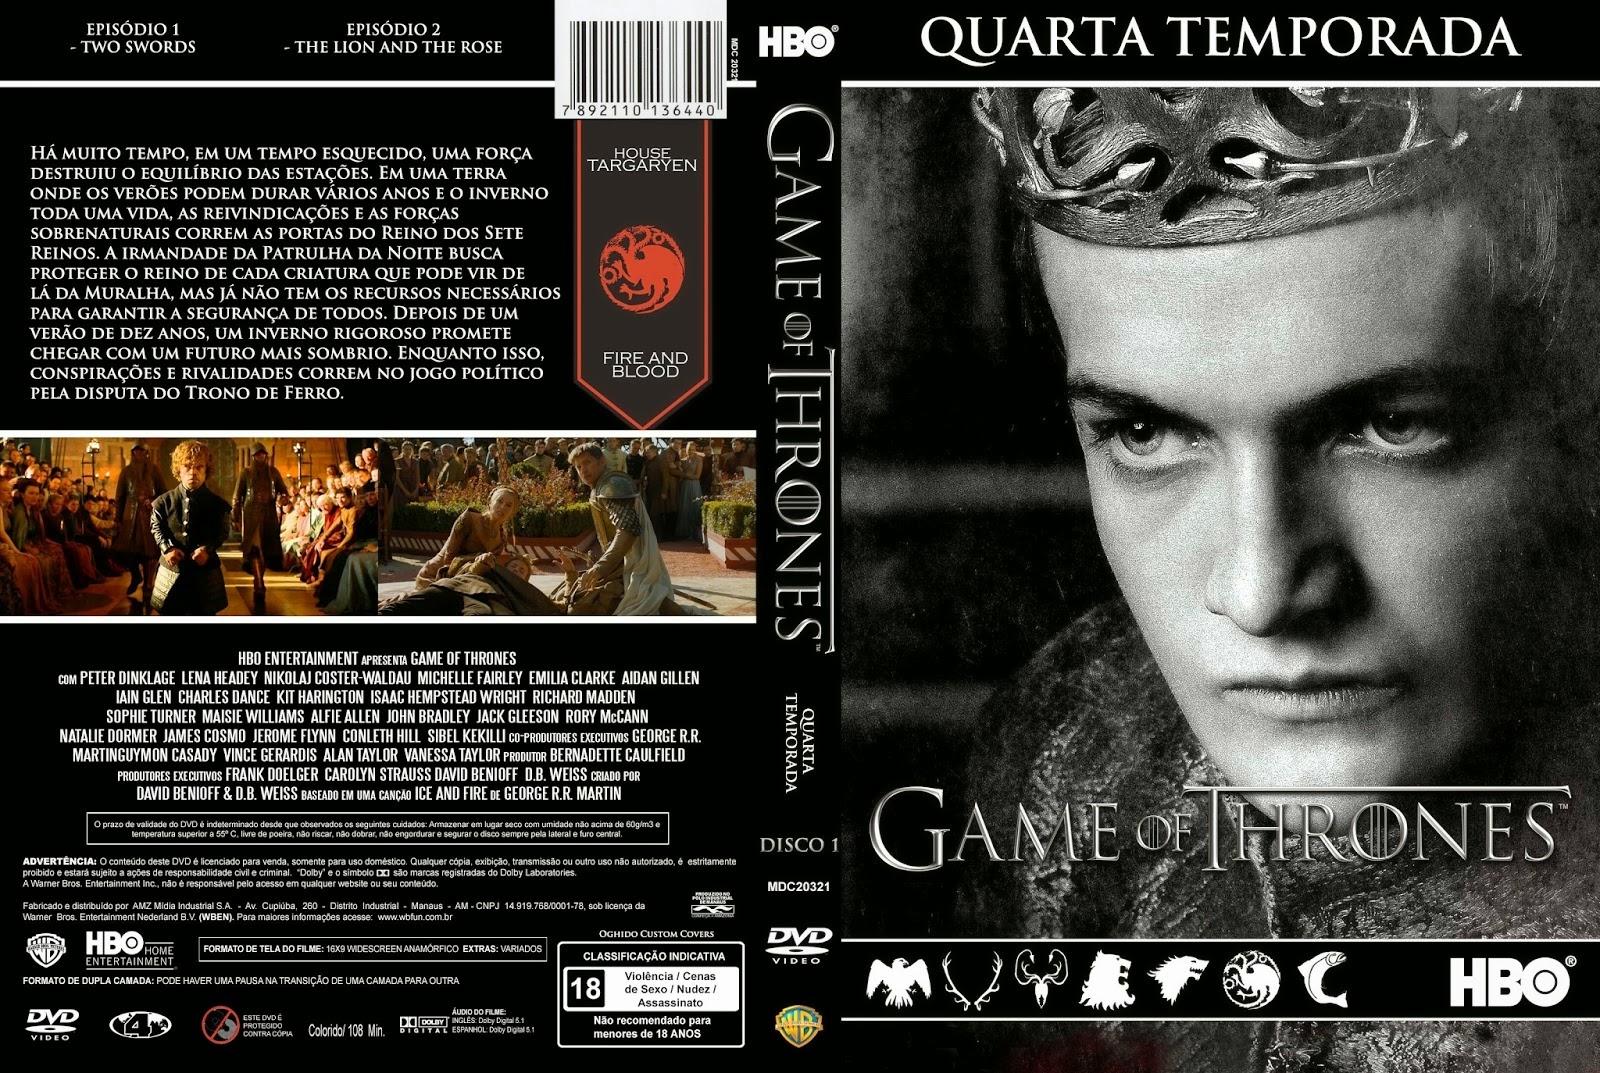 baixar 4 temporada de game of thrones dublado em hd torrent